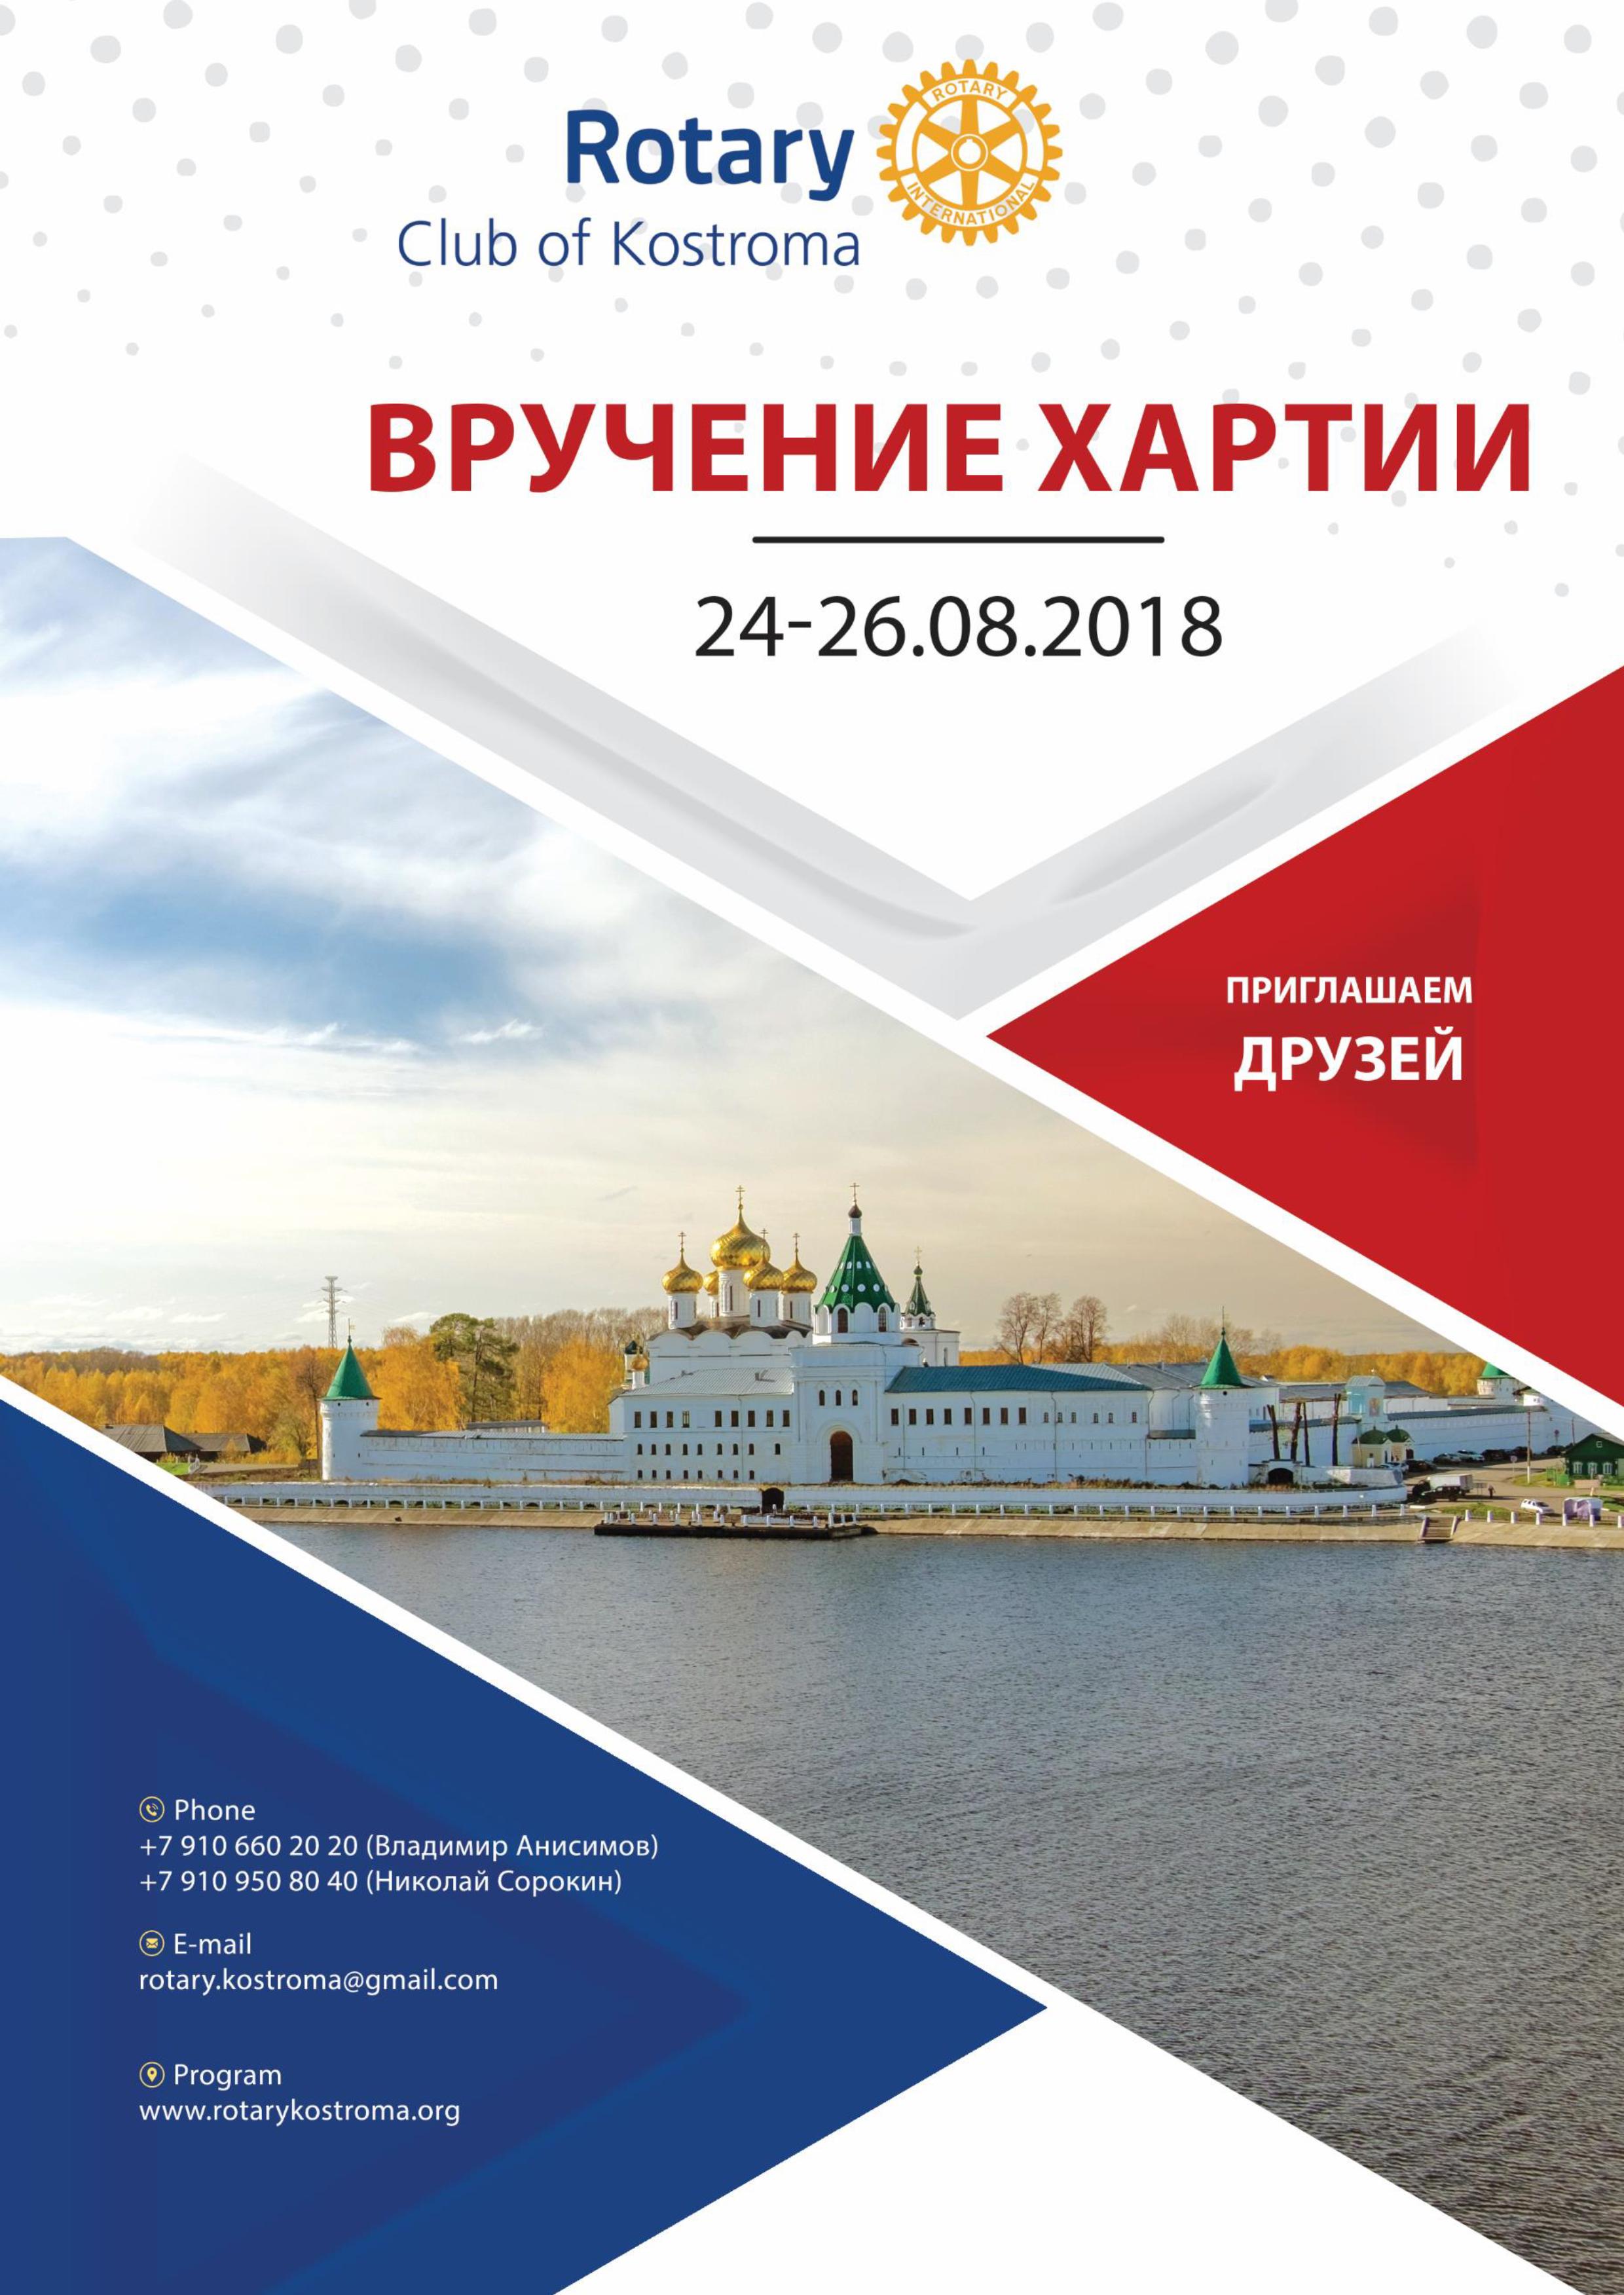 Ротари Кострома 2018 Вручение Хартии 24-26 августа Буклет Стр 1